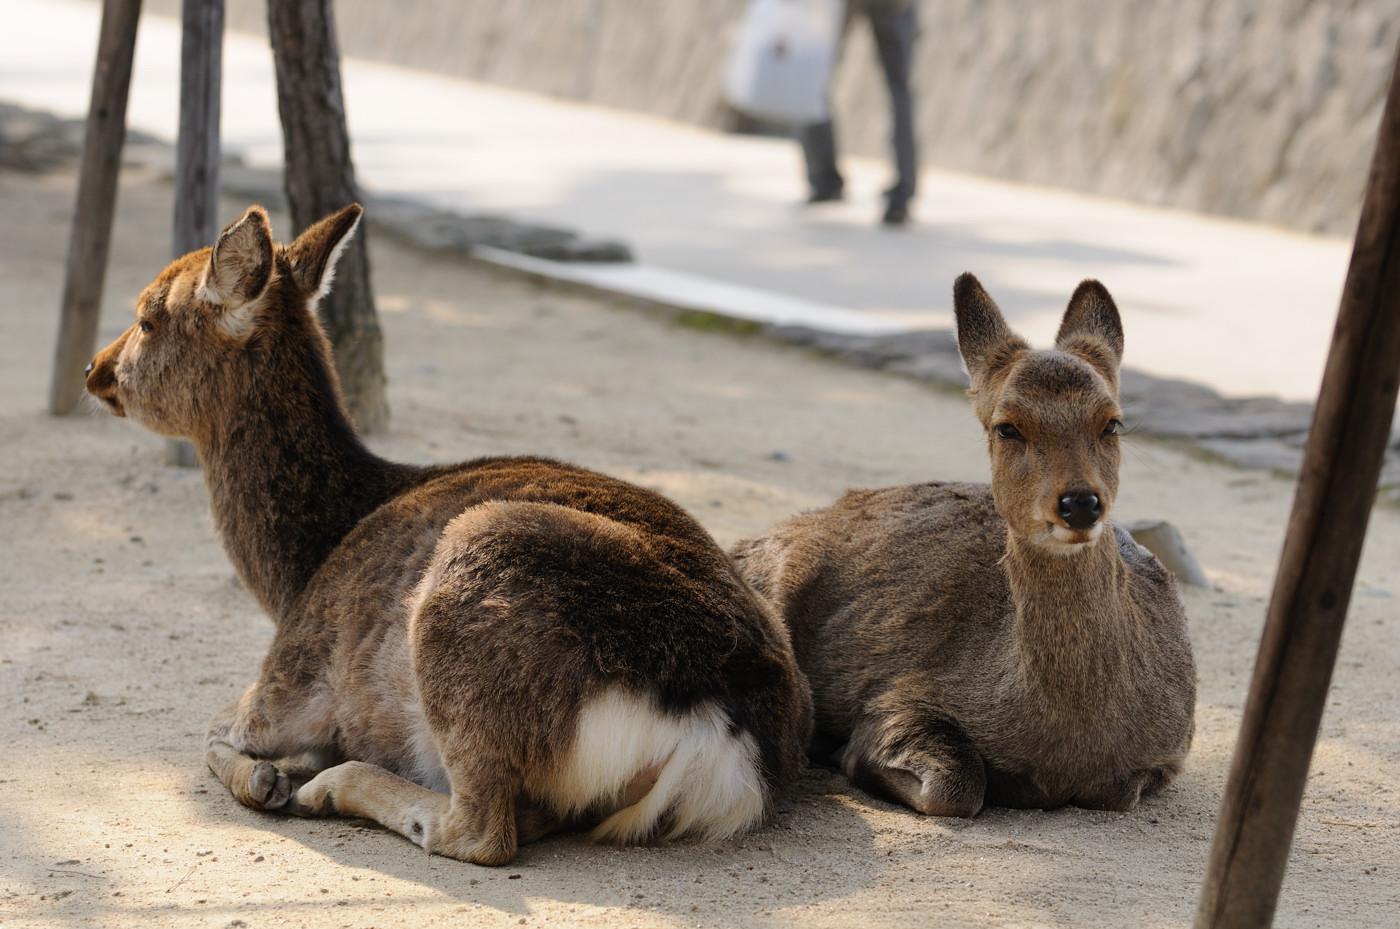 エサを待っている鹿なのかもしれません